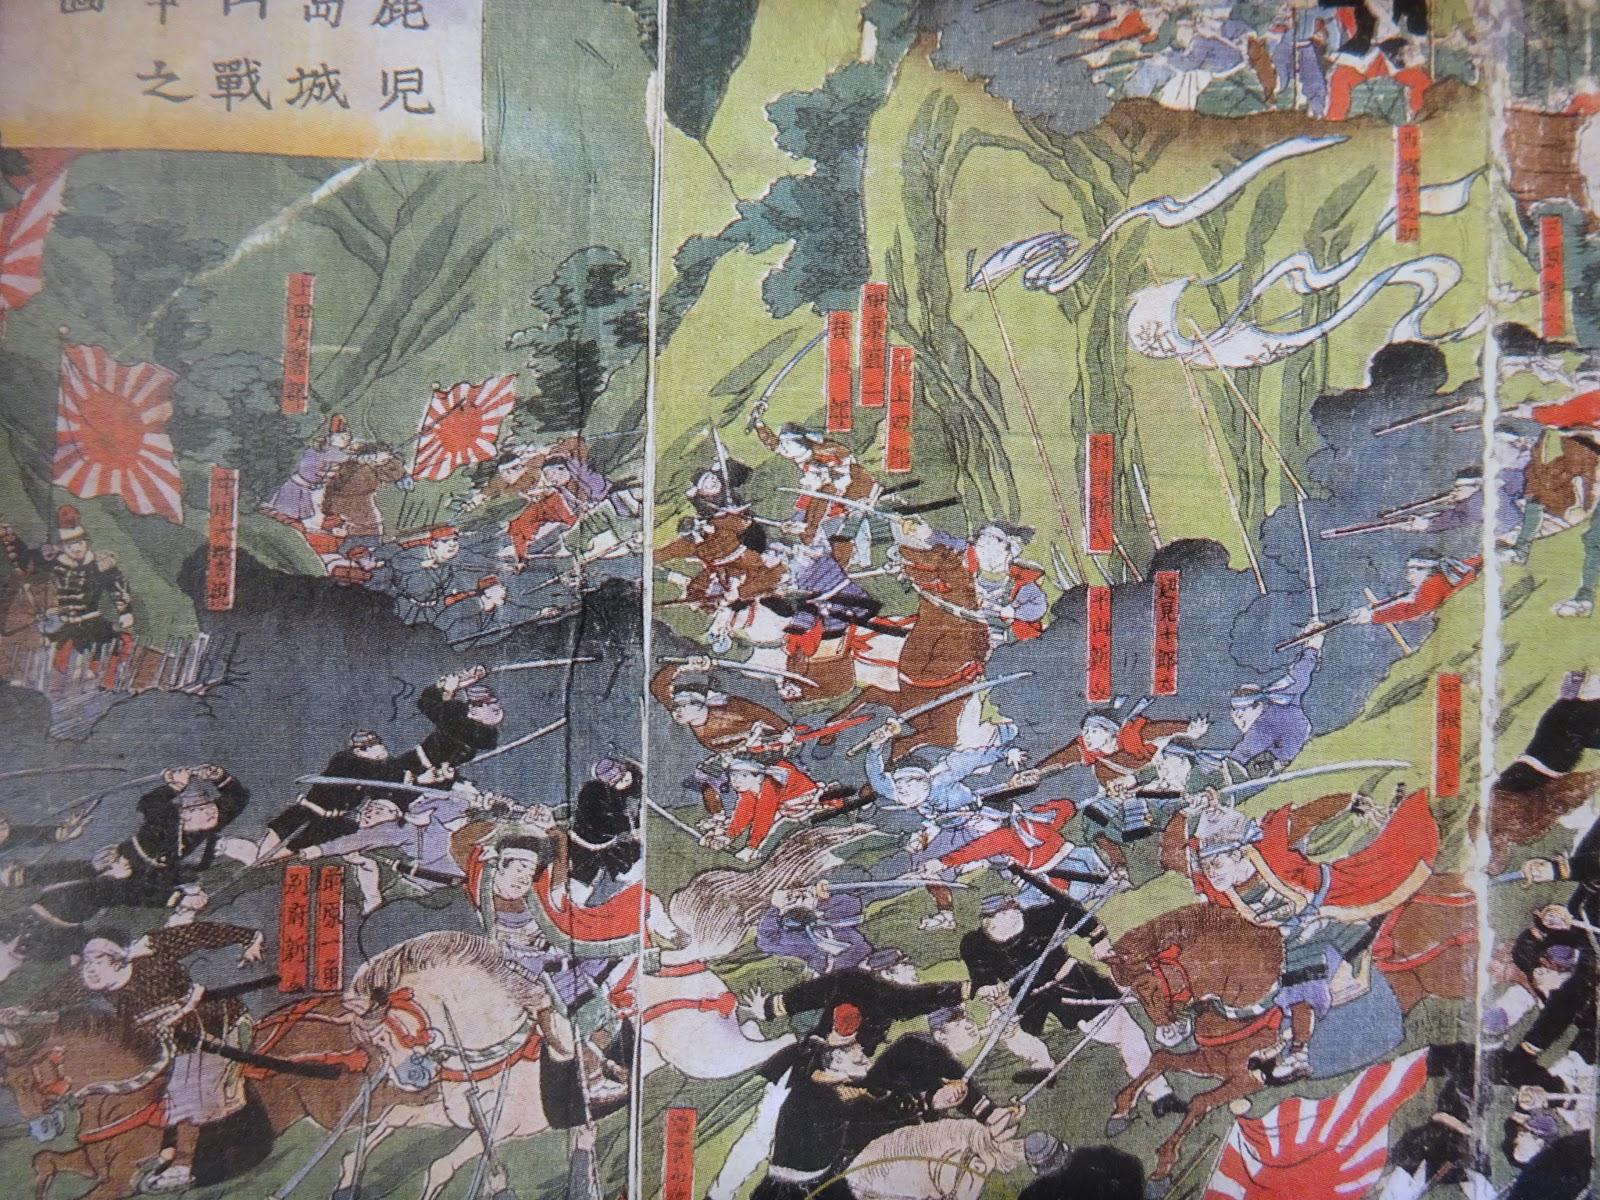 N氏の金沢ぶらり散歩日記: 明治維新と石川県誕生150年(2)西南戦争